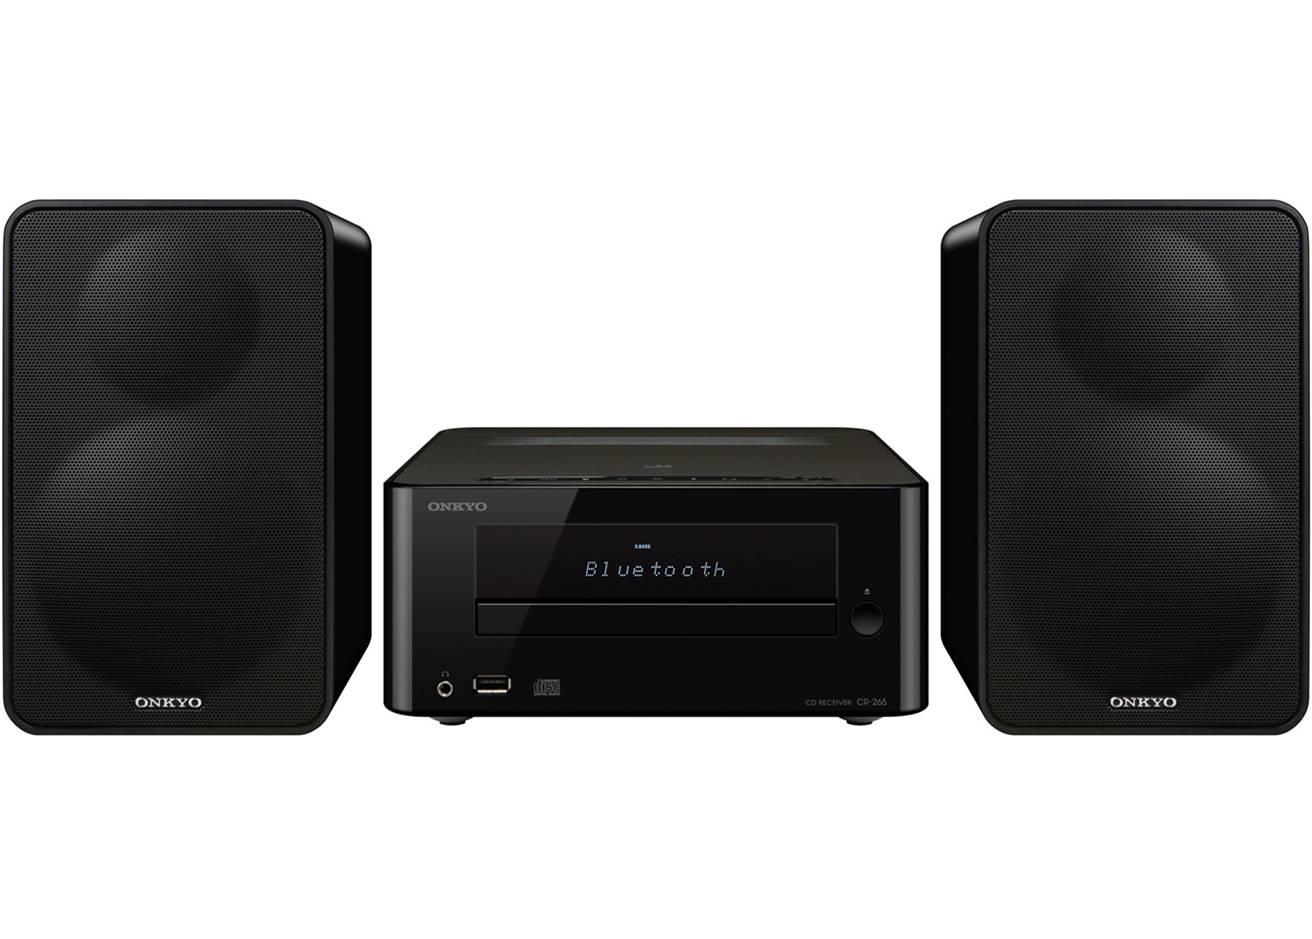 Onkyo CS-265 Hi-Fi System